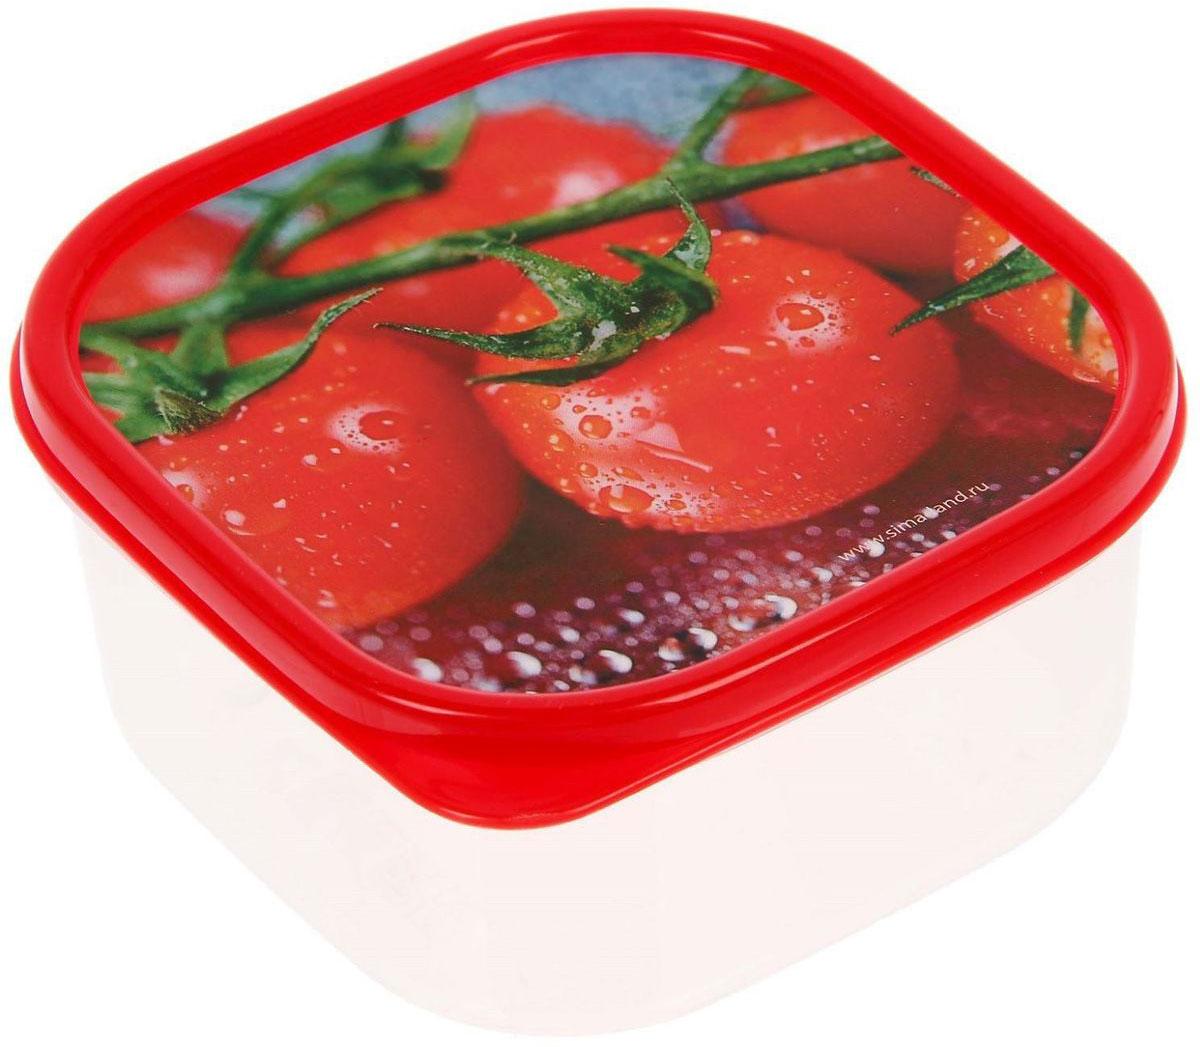 Ланч-бокс Доляна №4, квадратный, 450 мл1334004Если после вкусного обеда осталась еда, а насладиться трапезой хочется и на следующий день, ланч-бокс станет отличным решением данной проблемы!Такой контейнер является незаменимым предметом кухонной утвари, ведь у него много преимуществ:Простота ухода. Ланч-бокс достаточно промыть тёплой водой с небольшим количеством чистящего средства, и он снова готов к использованию.Вместительность. Большой выбор форм и объёма поможет разместить разнообразные продукты от сахара до супов.Эргономичность. Ланч-боксы очень легко хранить даже в самой маленькой кухне, так как их можно поставить один в другой по принципу матрёшки.Многофункциональность. Разнообразие цветов и форм делает возможным использование контейнеров не только на кухне, но и в других областях домашнего быта.Любители приготовления обеда на всю семью в большинстве случаев приобретают ланч-боксы наборами, так как это позволяет рассортировать продукты по всевозможным признакам. К тому же контейнеры среднего размера станут незаменимыми помощниками на работе: ведь что может быть приятнее, чем порадовать себя во время обеда прекрасной едой, заботливо сохранённой в контейнере?В качестве материала для изготовления используется пластик, что делает процесс ухода за контейнером ещё более эффективным. К каждому ланч-боксу в комплекте также прилагается крышка подходящего размера, это позволяет плотно и надёжно удерживать запах еды и упрощает процесс транспортировки.Однако рекомендуется соблюдать и меры предосторожности: не использовать пластиковые контейнеры в духовых шкафах и на открытом огне, а также не разогревать в микроволновых печах при закрытой крышке ланч-бокса. Соблюдение мер безопасности позволит продлить срок эксплуатации и сохранить отличный внешний вид изделия.Эргономичный дизайн и многофункциональность таких контейнеров — вот, что является причиной большой популярности данного предмета у каждой хозяйки. А в преддверии лета и дачного сезона такое приобретение позволит под